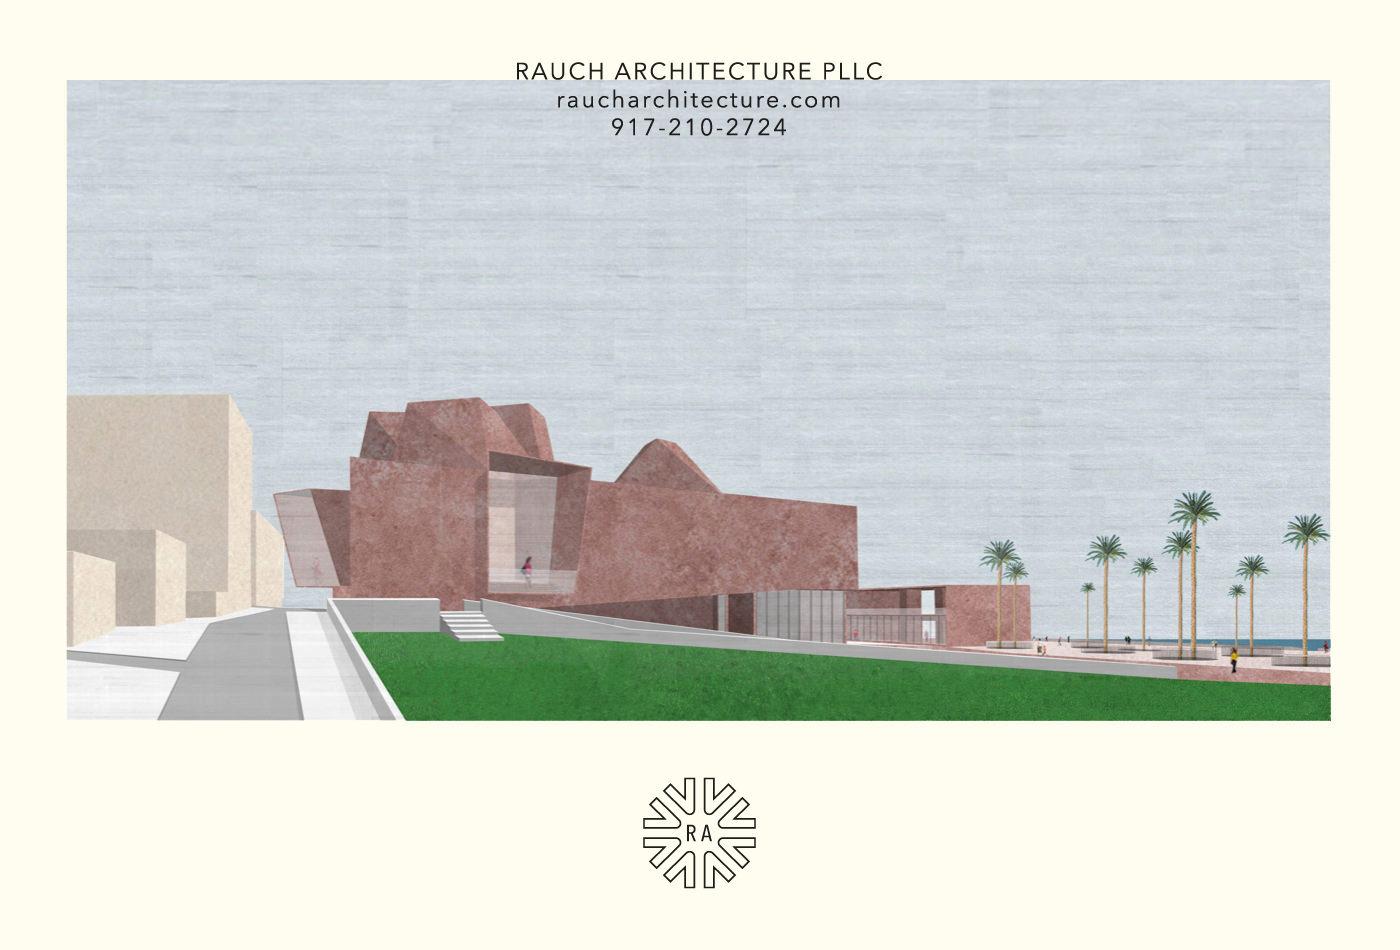 ra-rauch-architecture-matthew-rauch-architecture-pllc-nyc-brooklyn-knx-architect-ppx-modernism-passengerpigeonx-vacaliebres-marks-schematic-midcentury-3